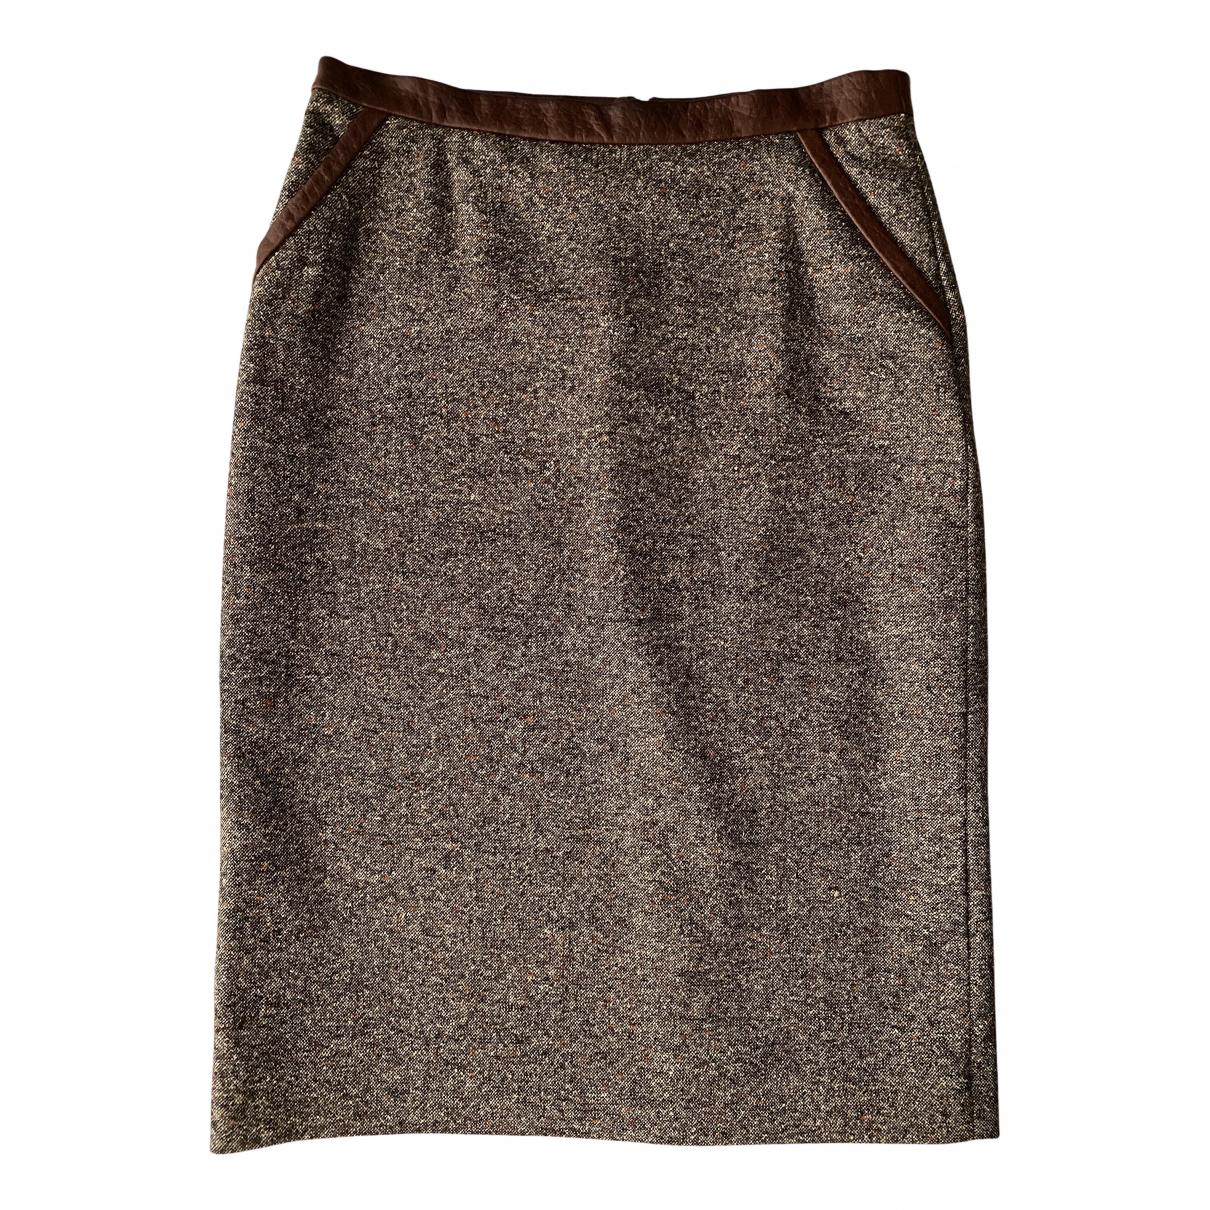 Salvatore Ferragamo N Wool skirt for Women 40 IT